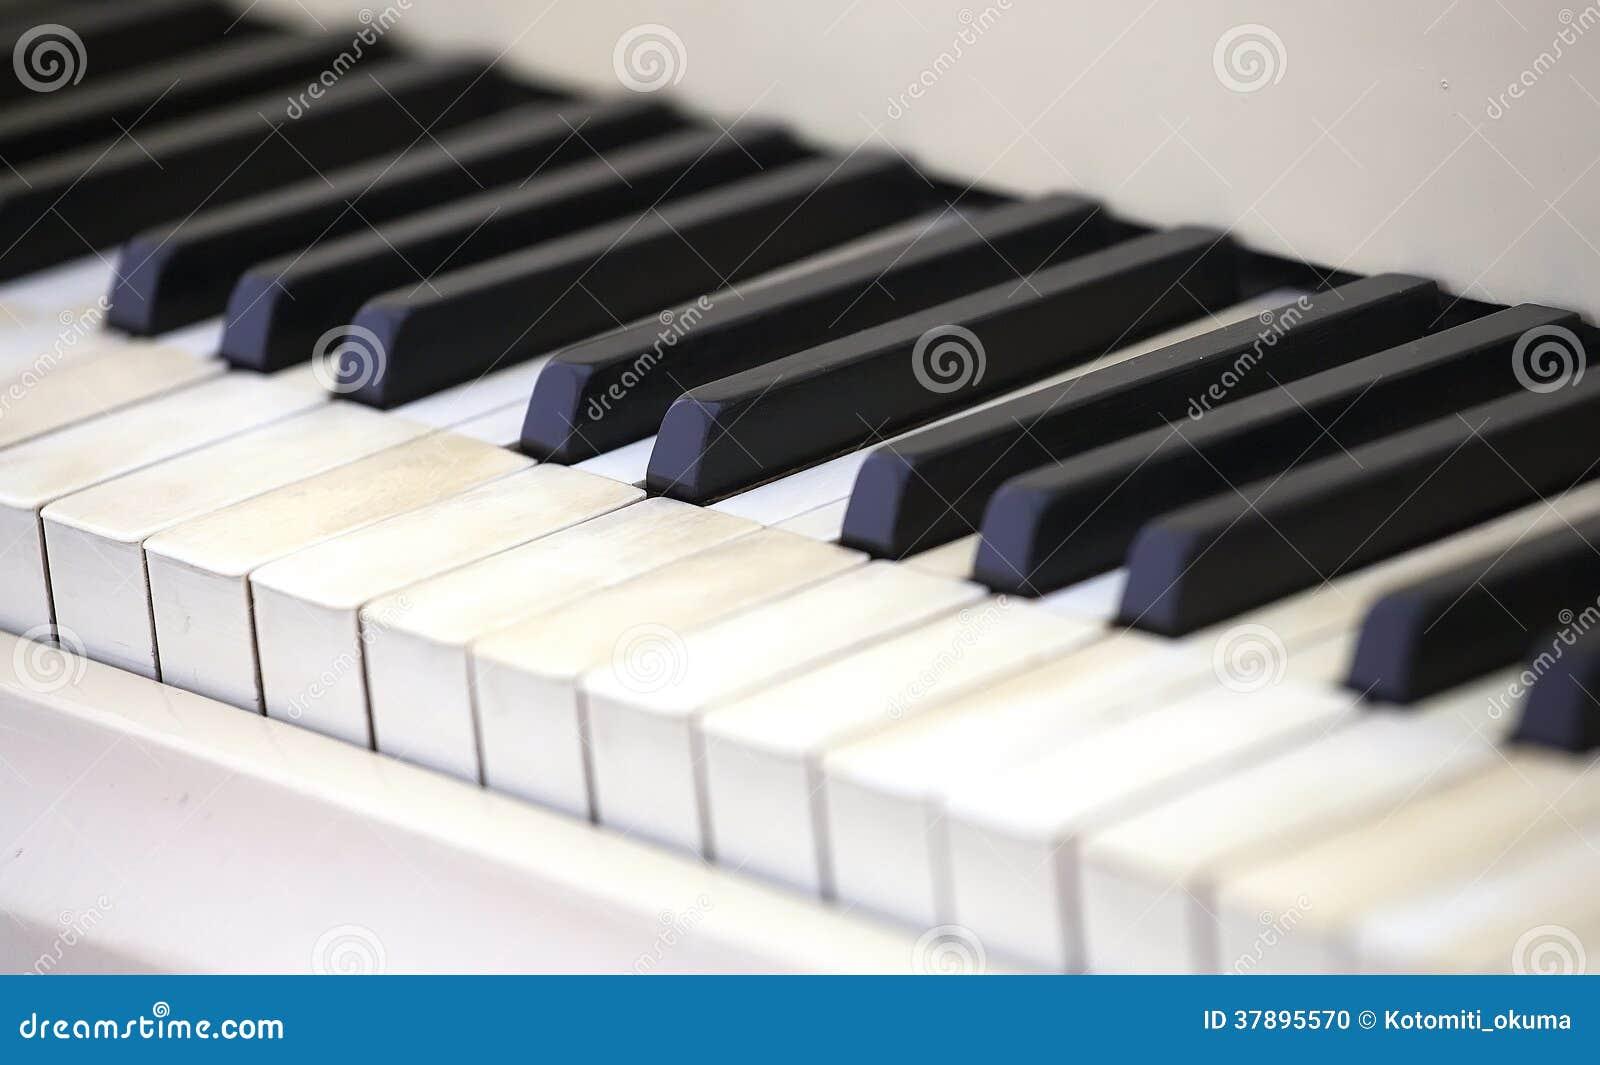 Närbild av pianotangenter.